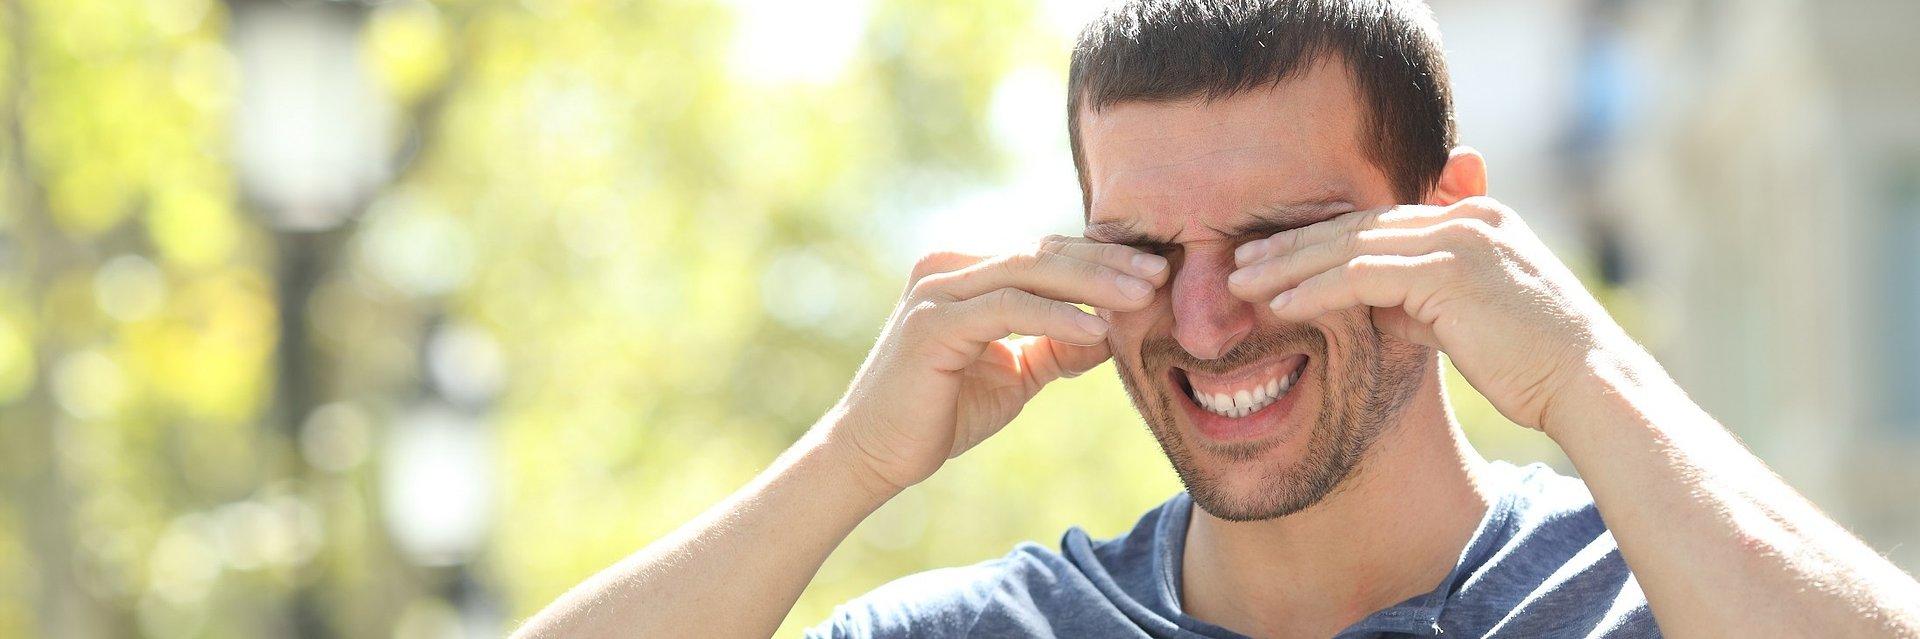 Blisko połowa Polaków narzeka na dolegliwości oczu! Najnowszy raport pokazuje, że trzeba mówić o ochronie oczu przed alergią